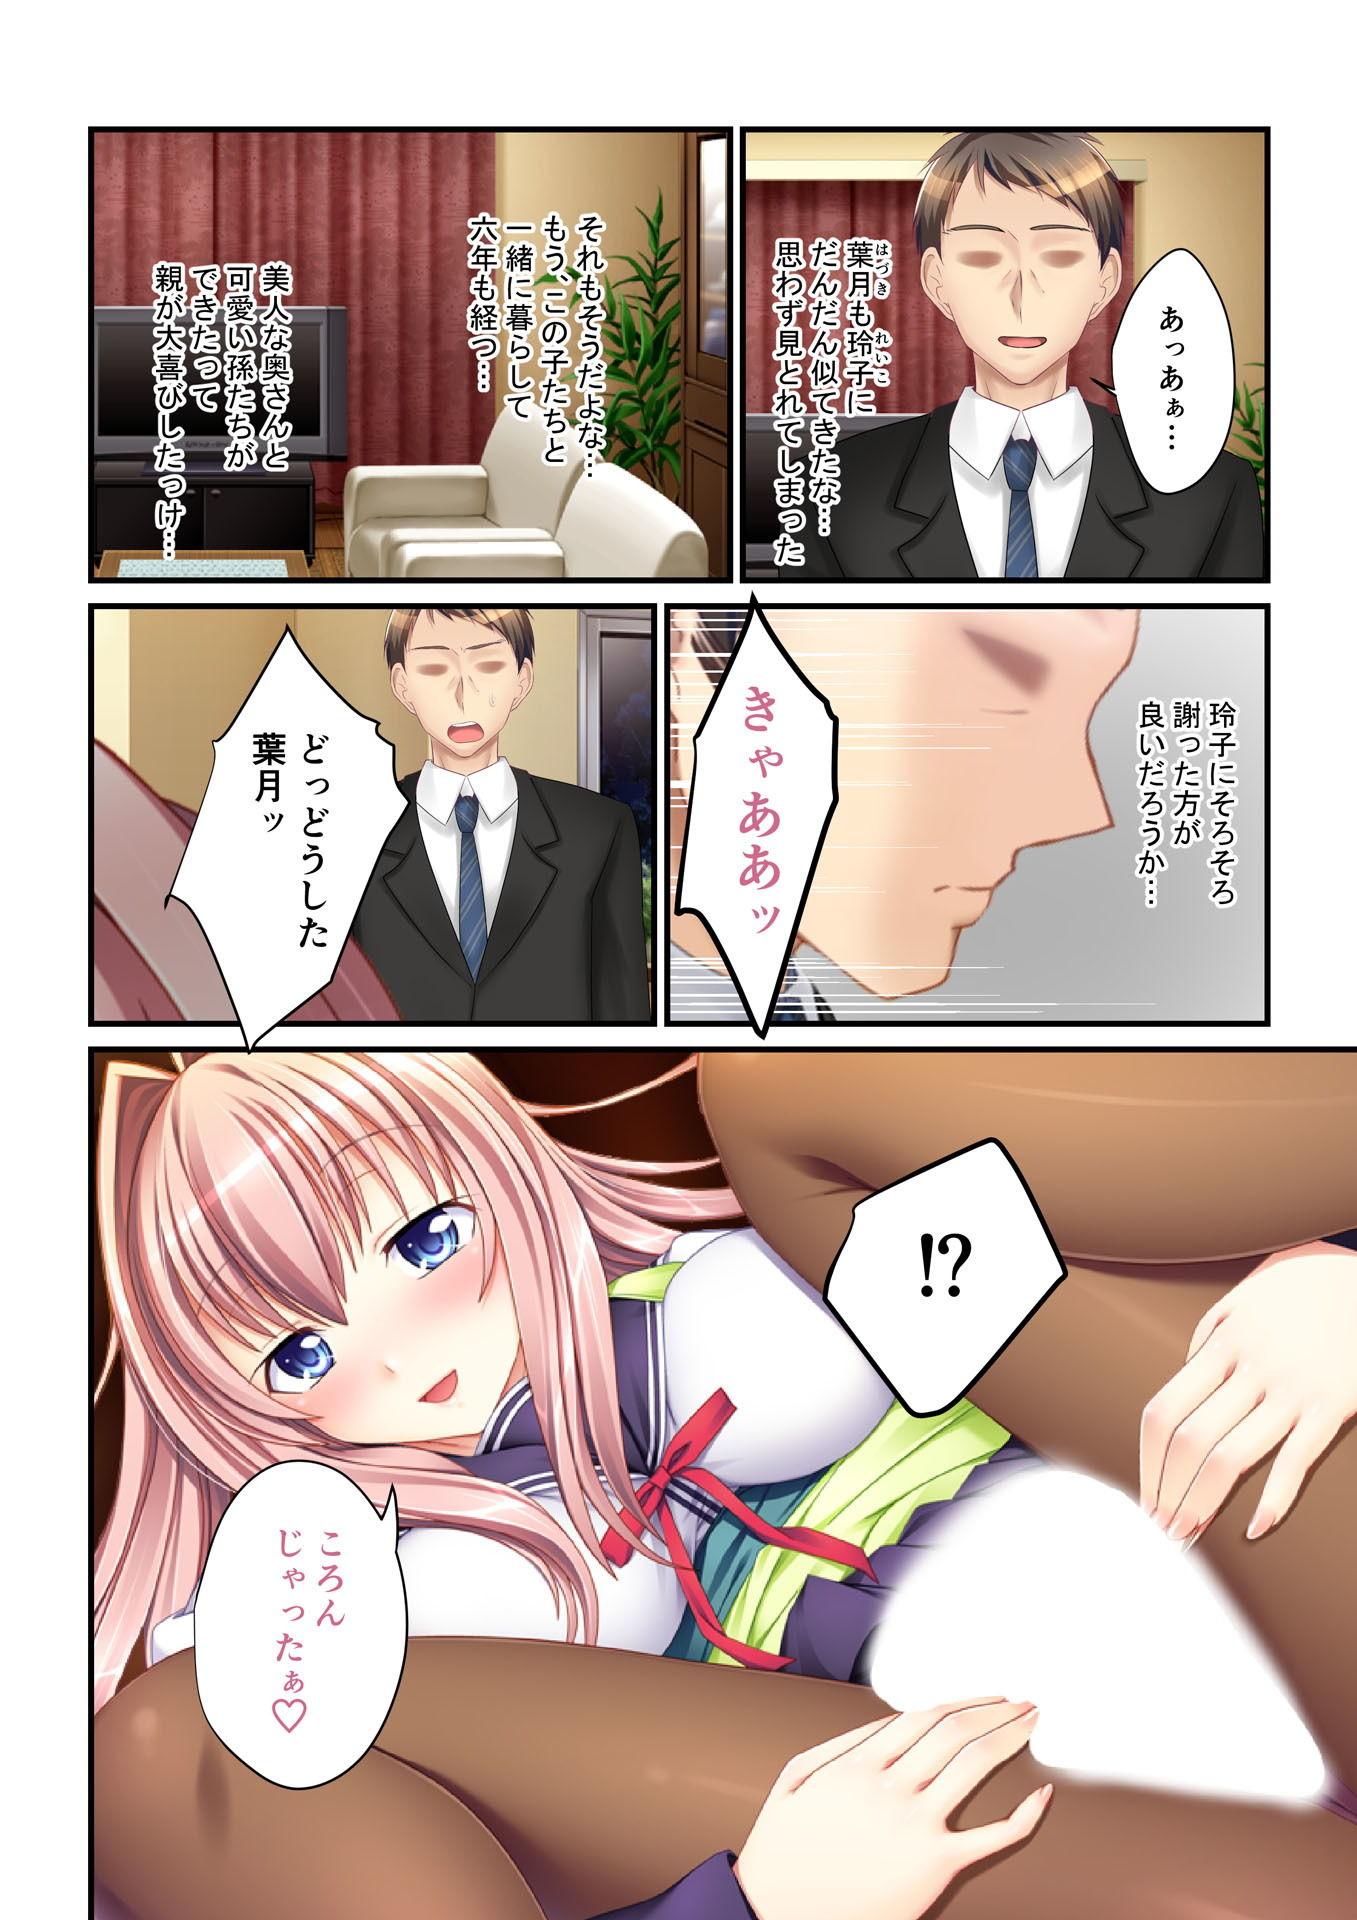 パパ活ハーレム 義娘JKたちのエッチな誘惑(3) フルカラーコミック版